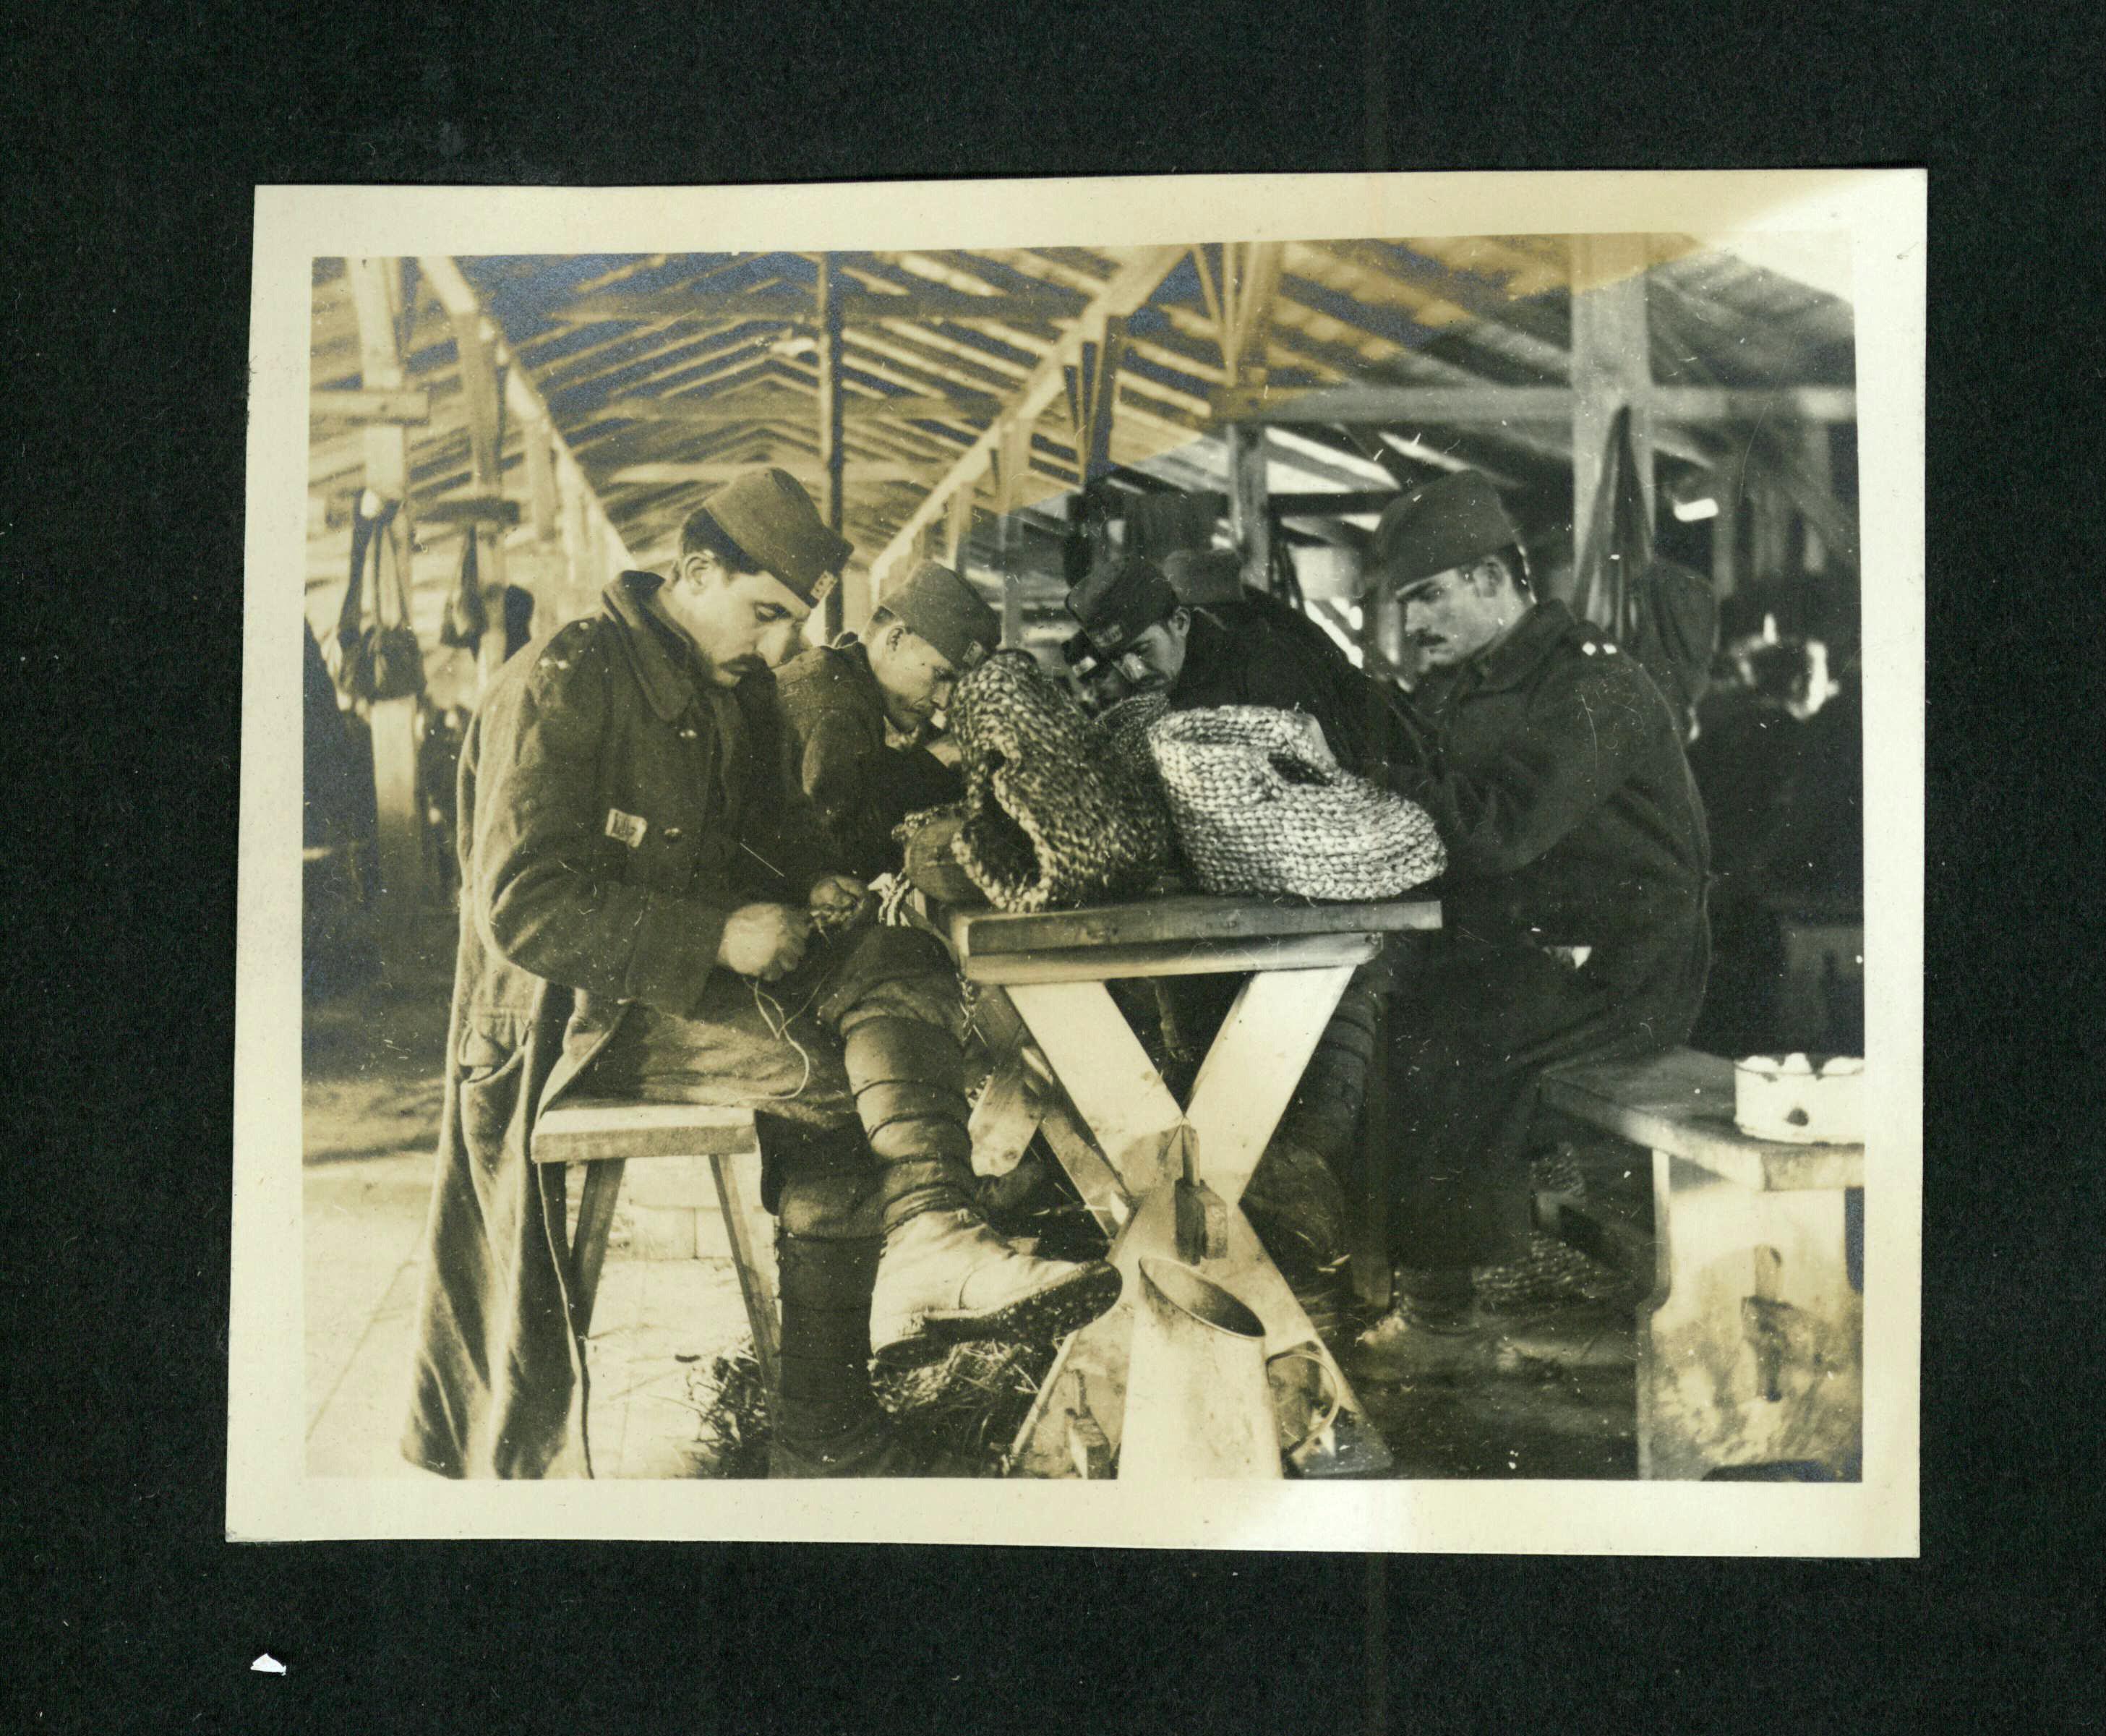 Fotografie ze zajateckého tábora z 1. světové války u Martínkovic na Broumovsku - Strohflechterei